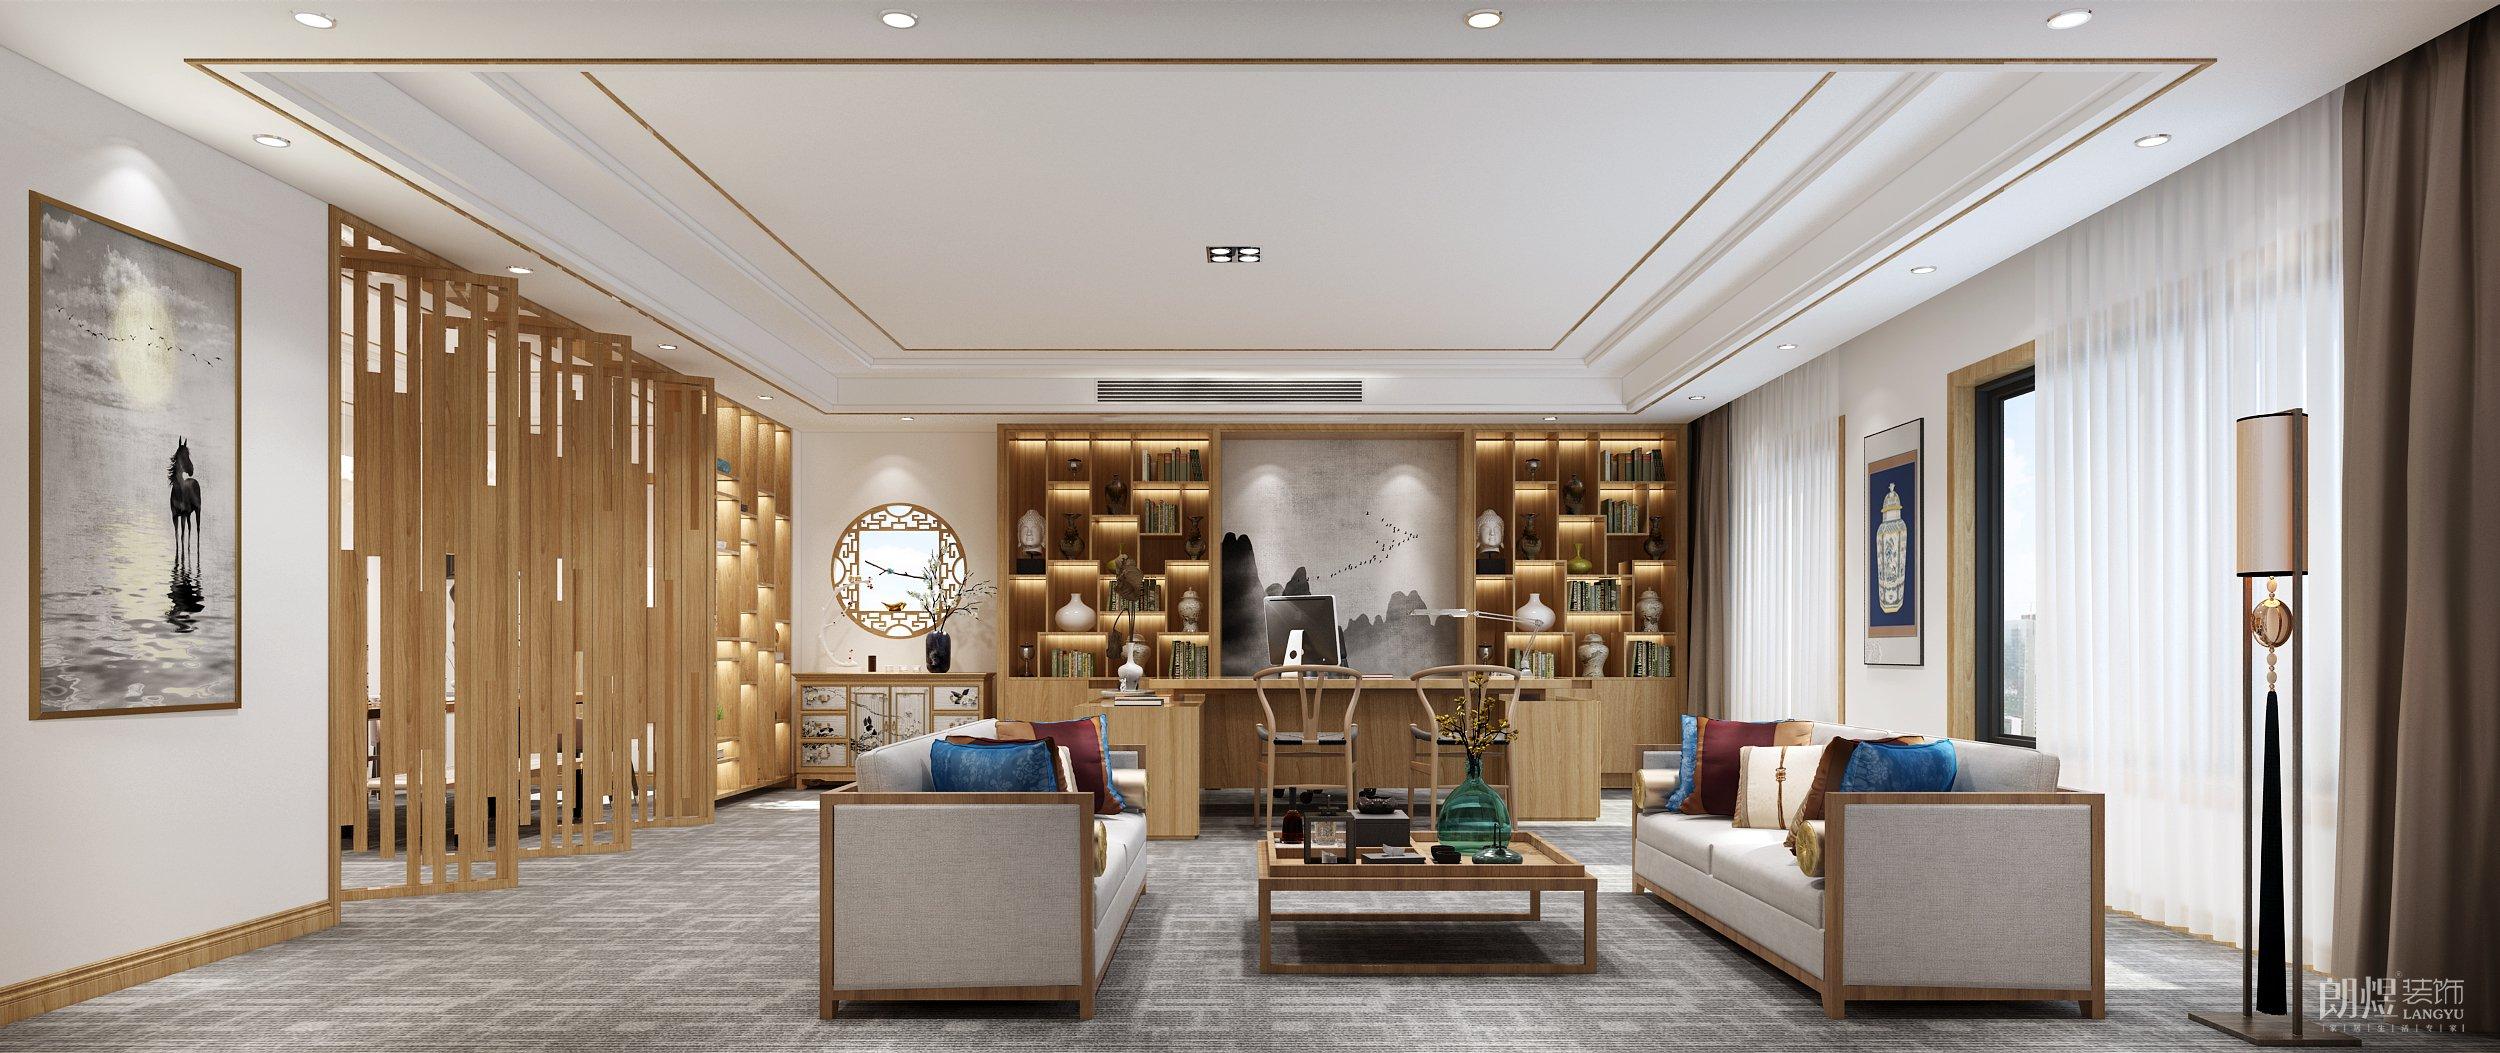 新中式办公室装修效果图 禅意与大气并存